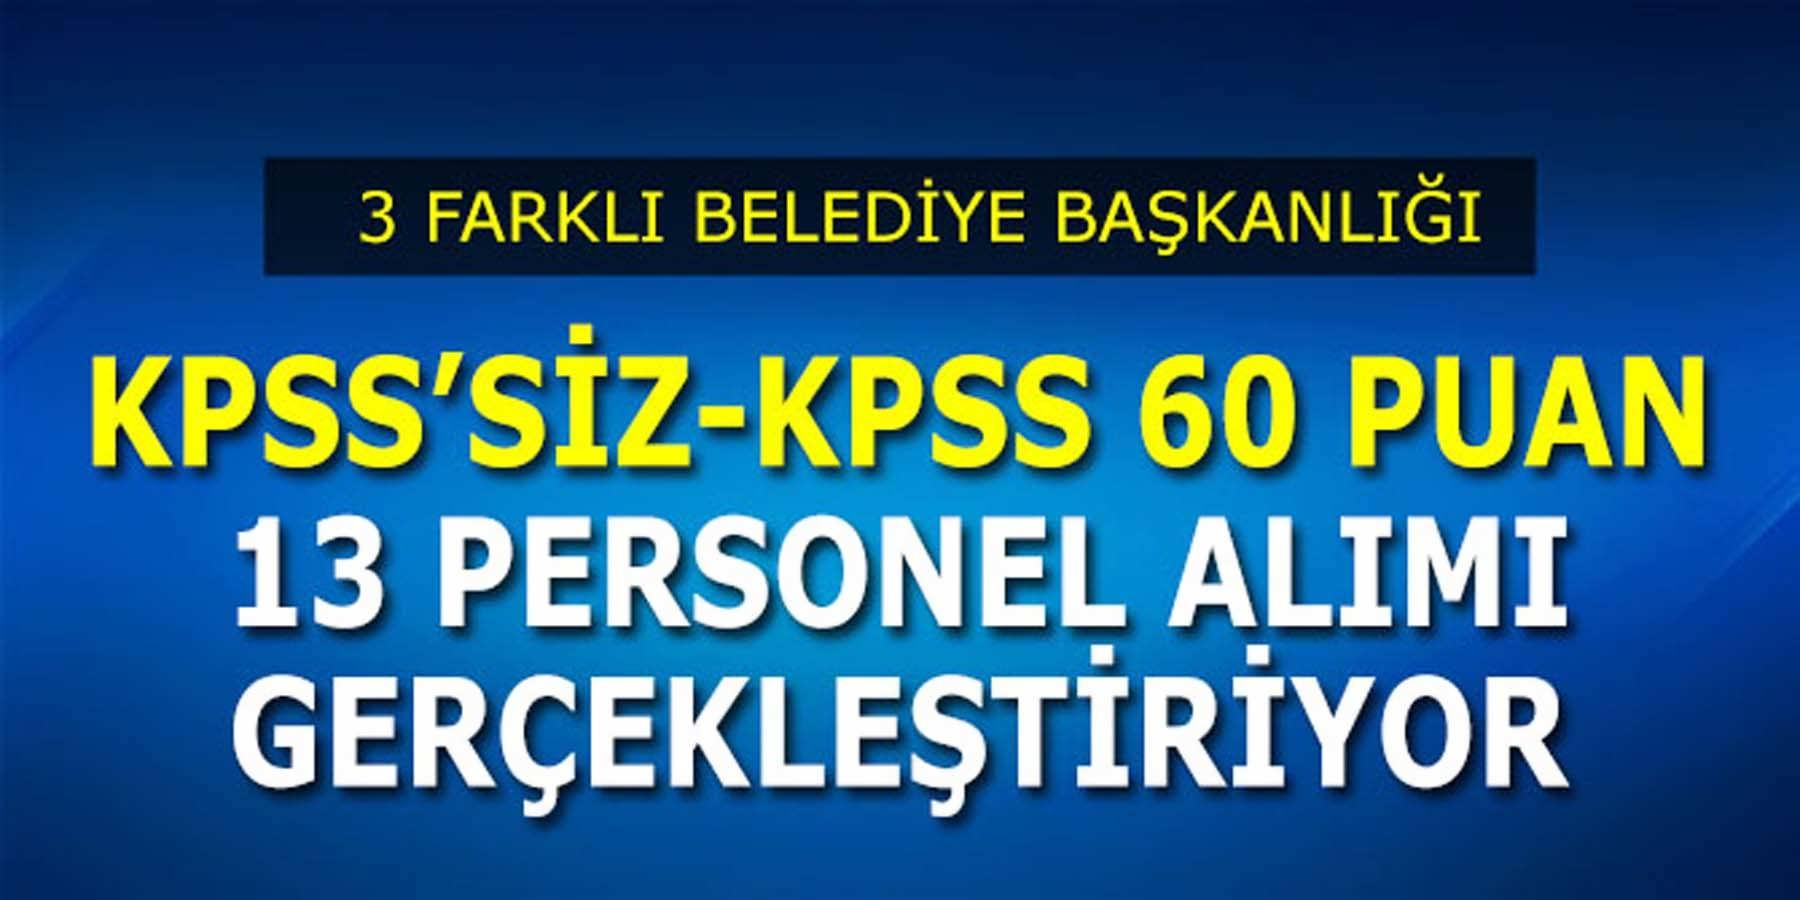 3 Farklı Belediye KPSS'li KPSS'siz 13 İşçi Alımı İş İlanları